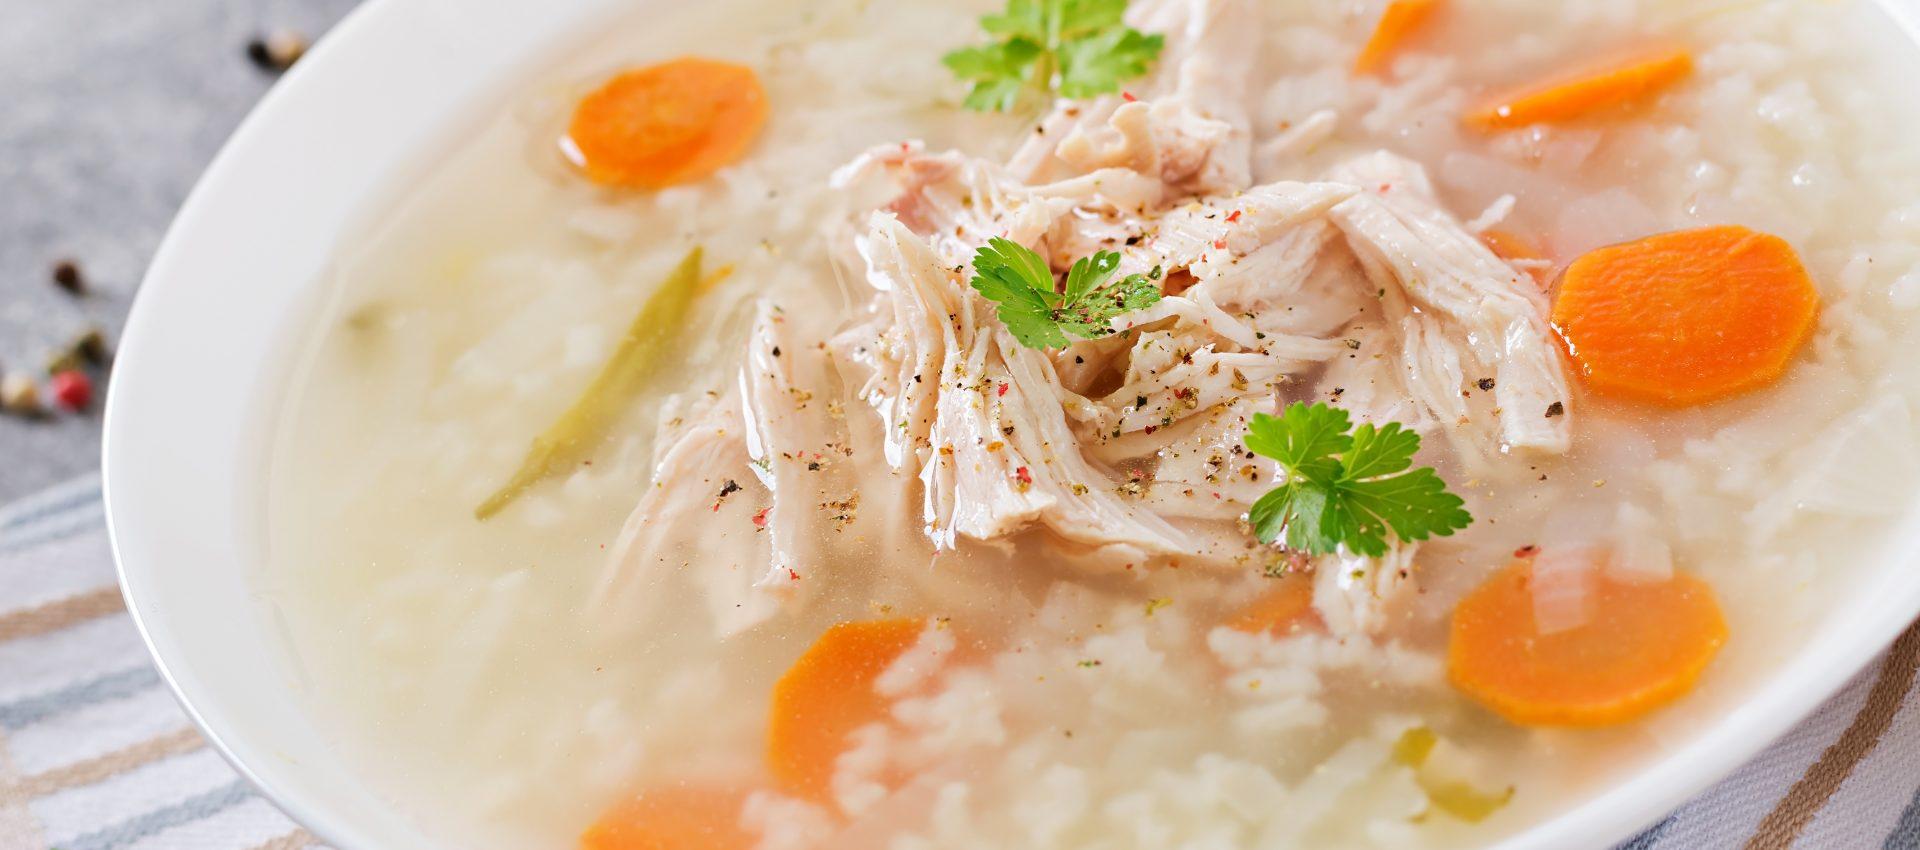 Bouillon de volaille au riz au cookeo